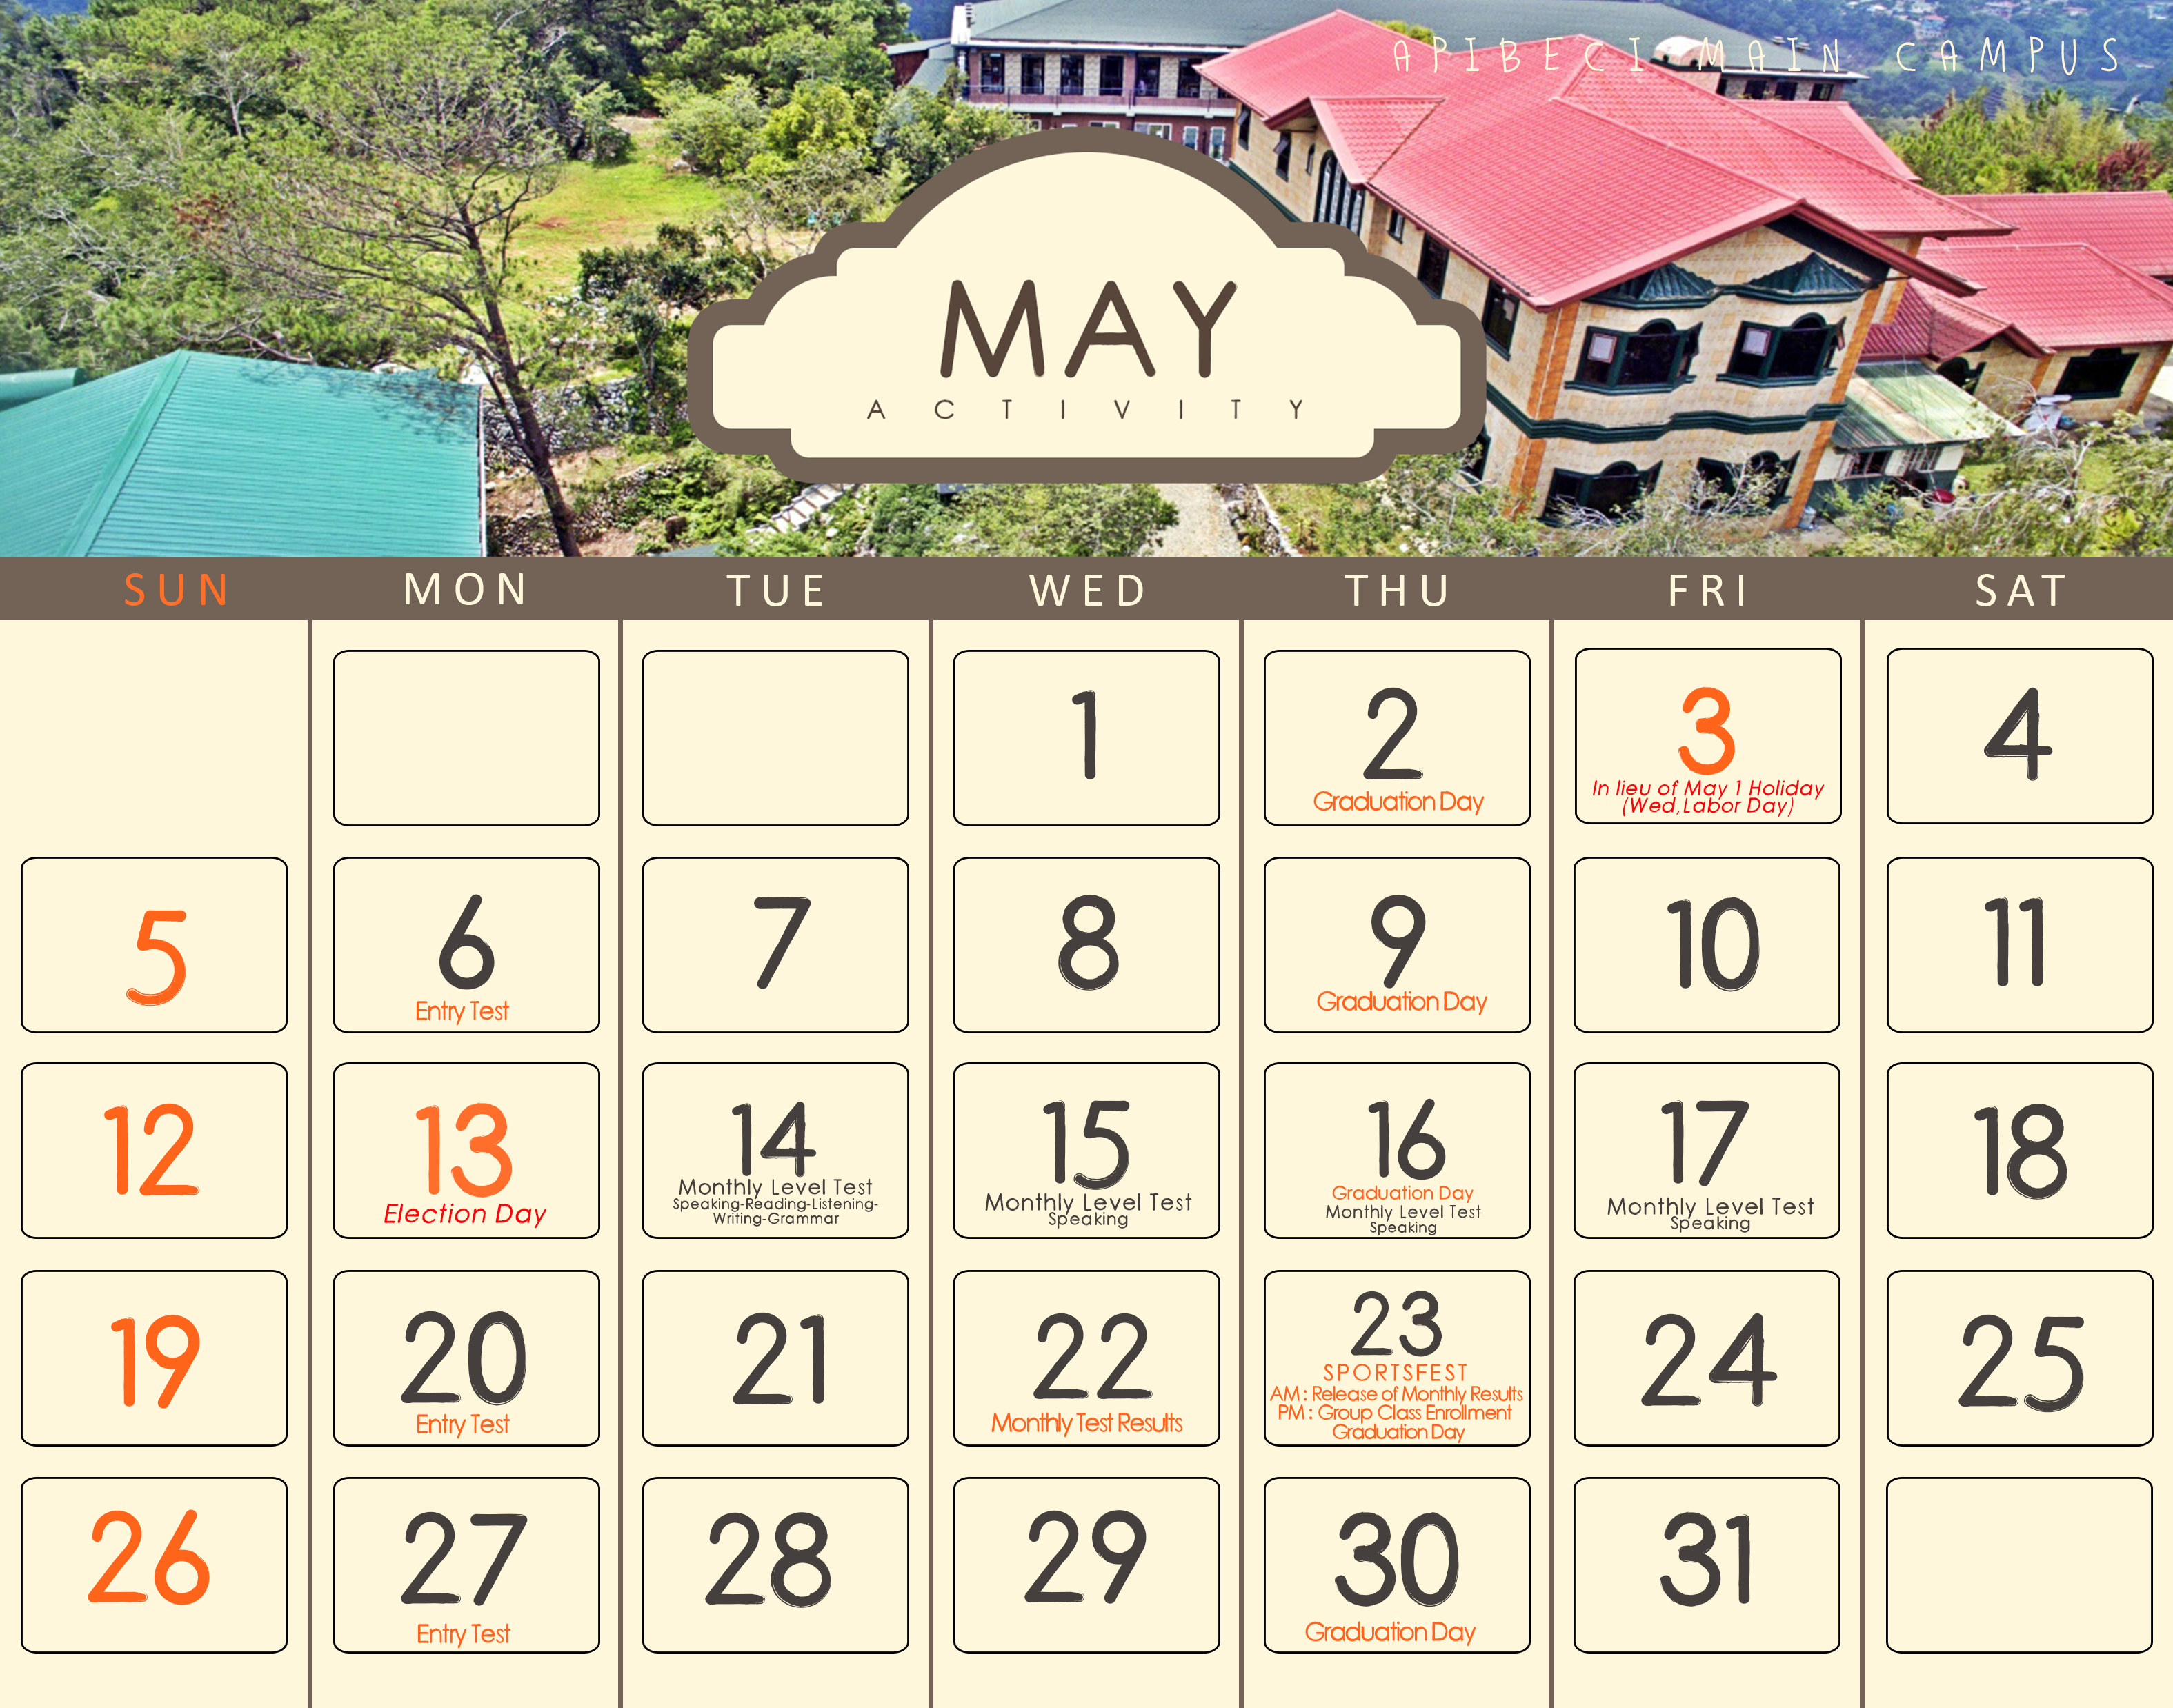 hoat-dong-trong-thang-5-2019-truong-anh-ngu-beci